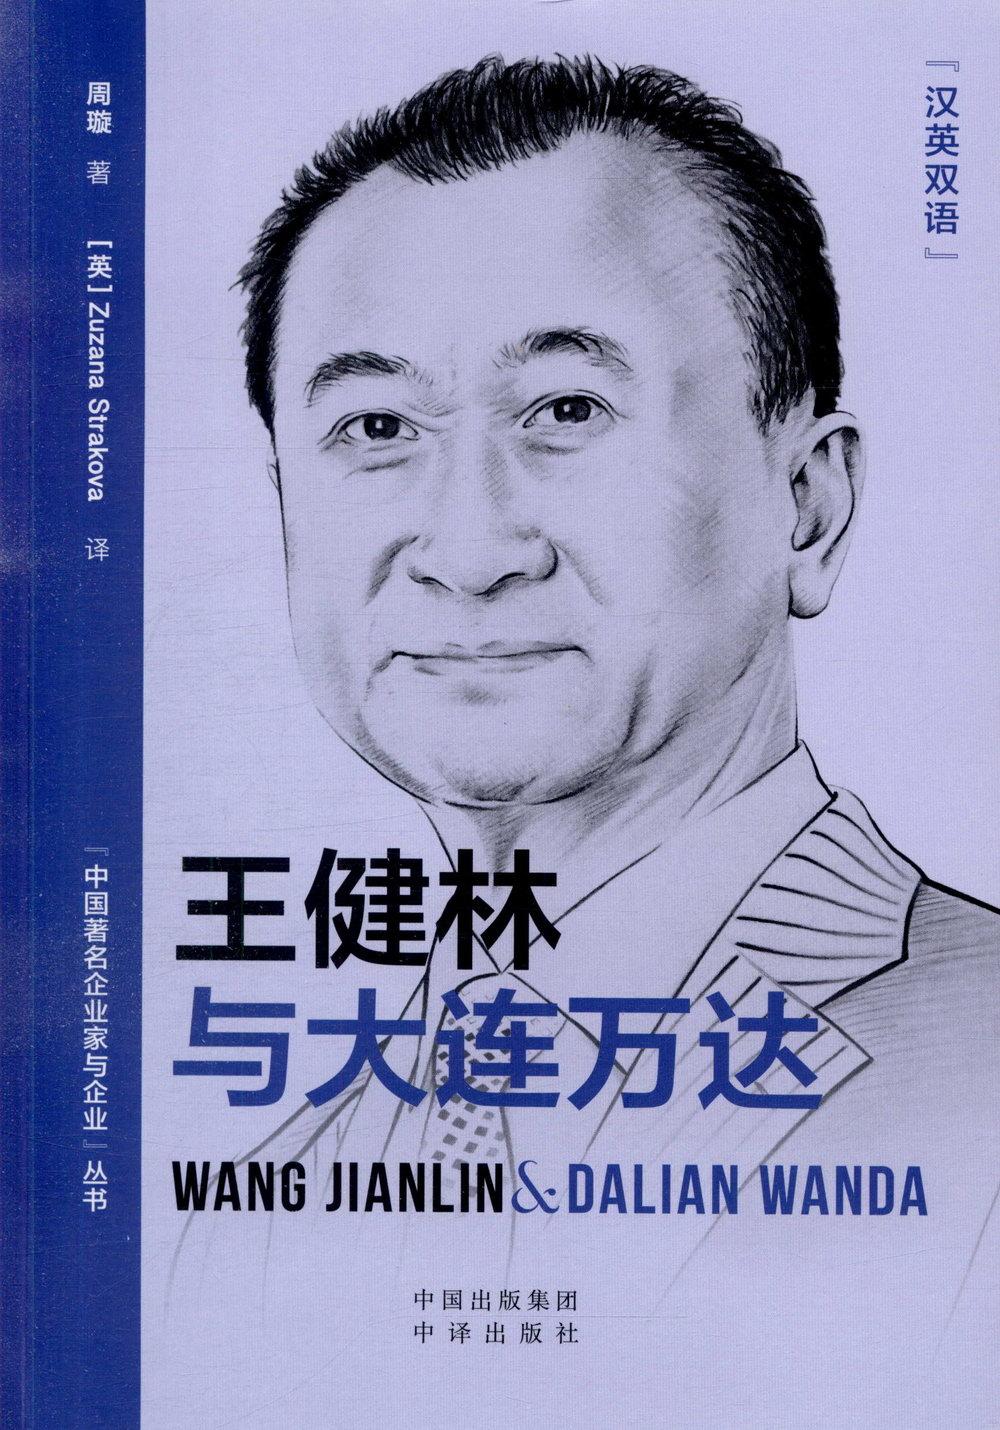 王健林與大連萬達(漢英雙語)